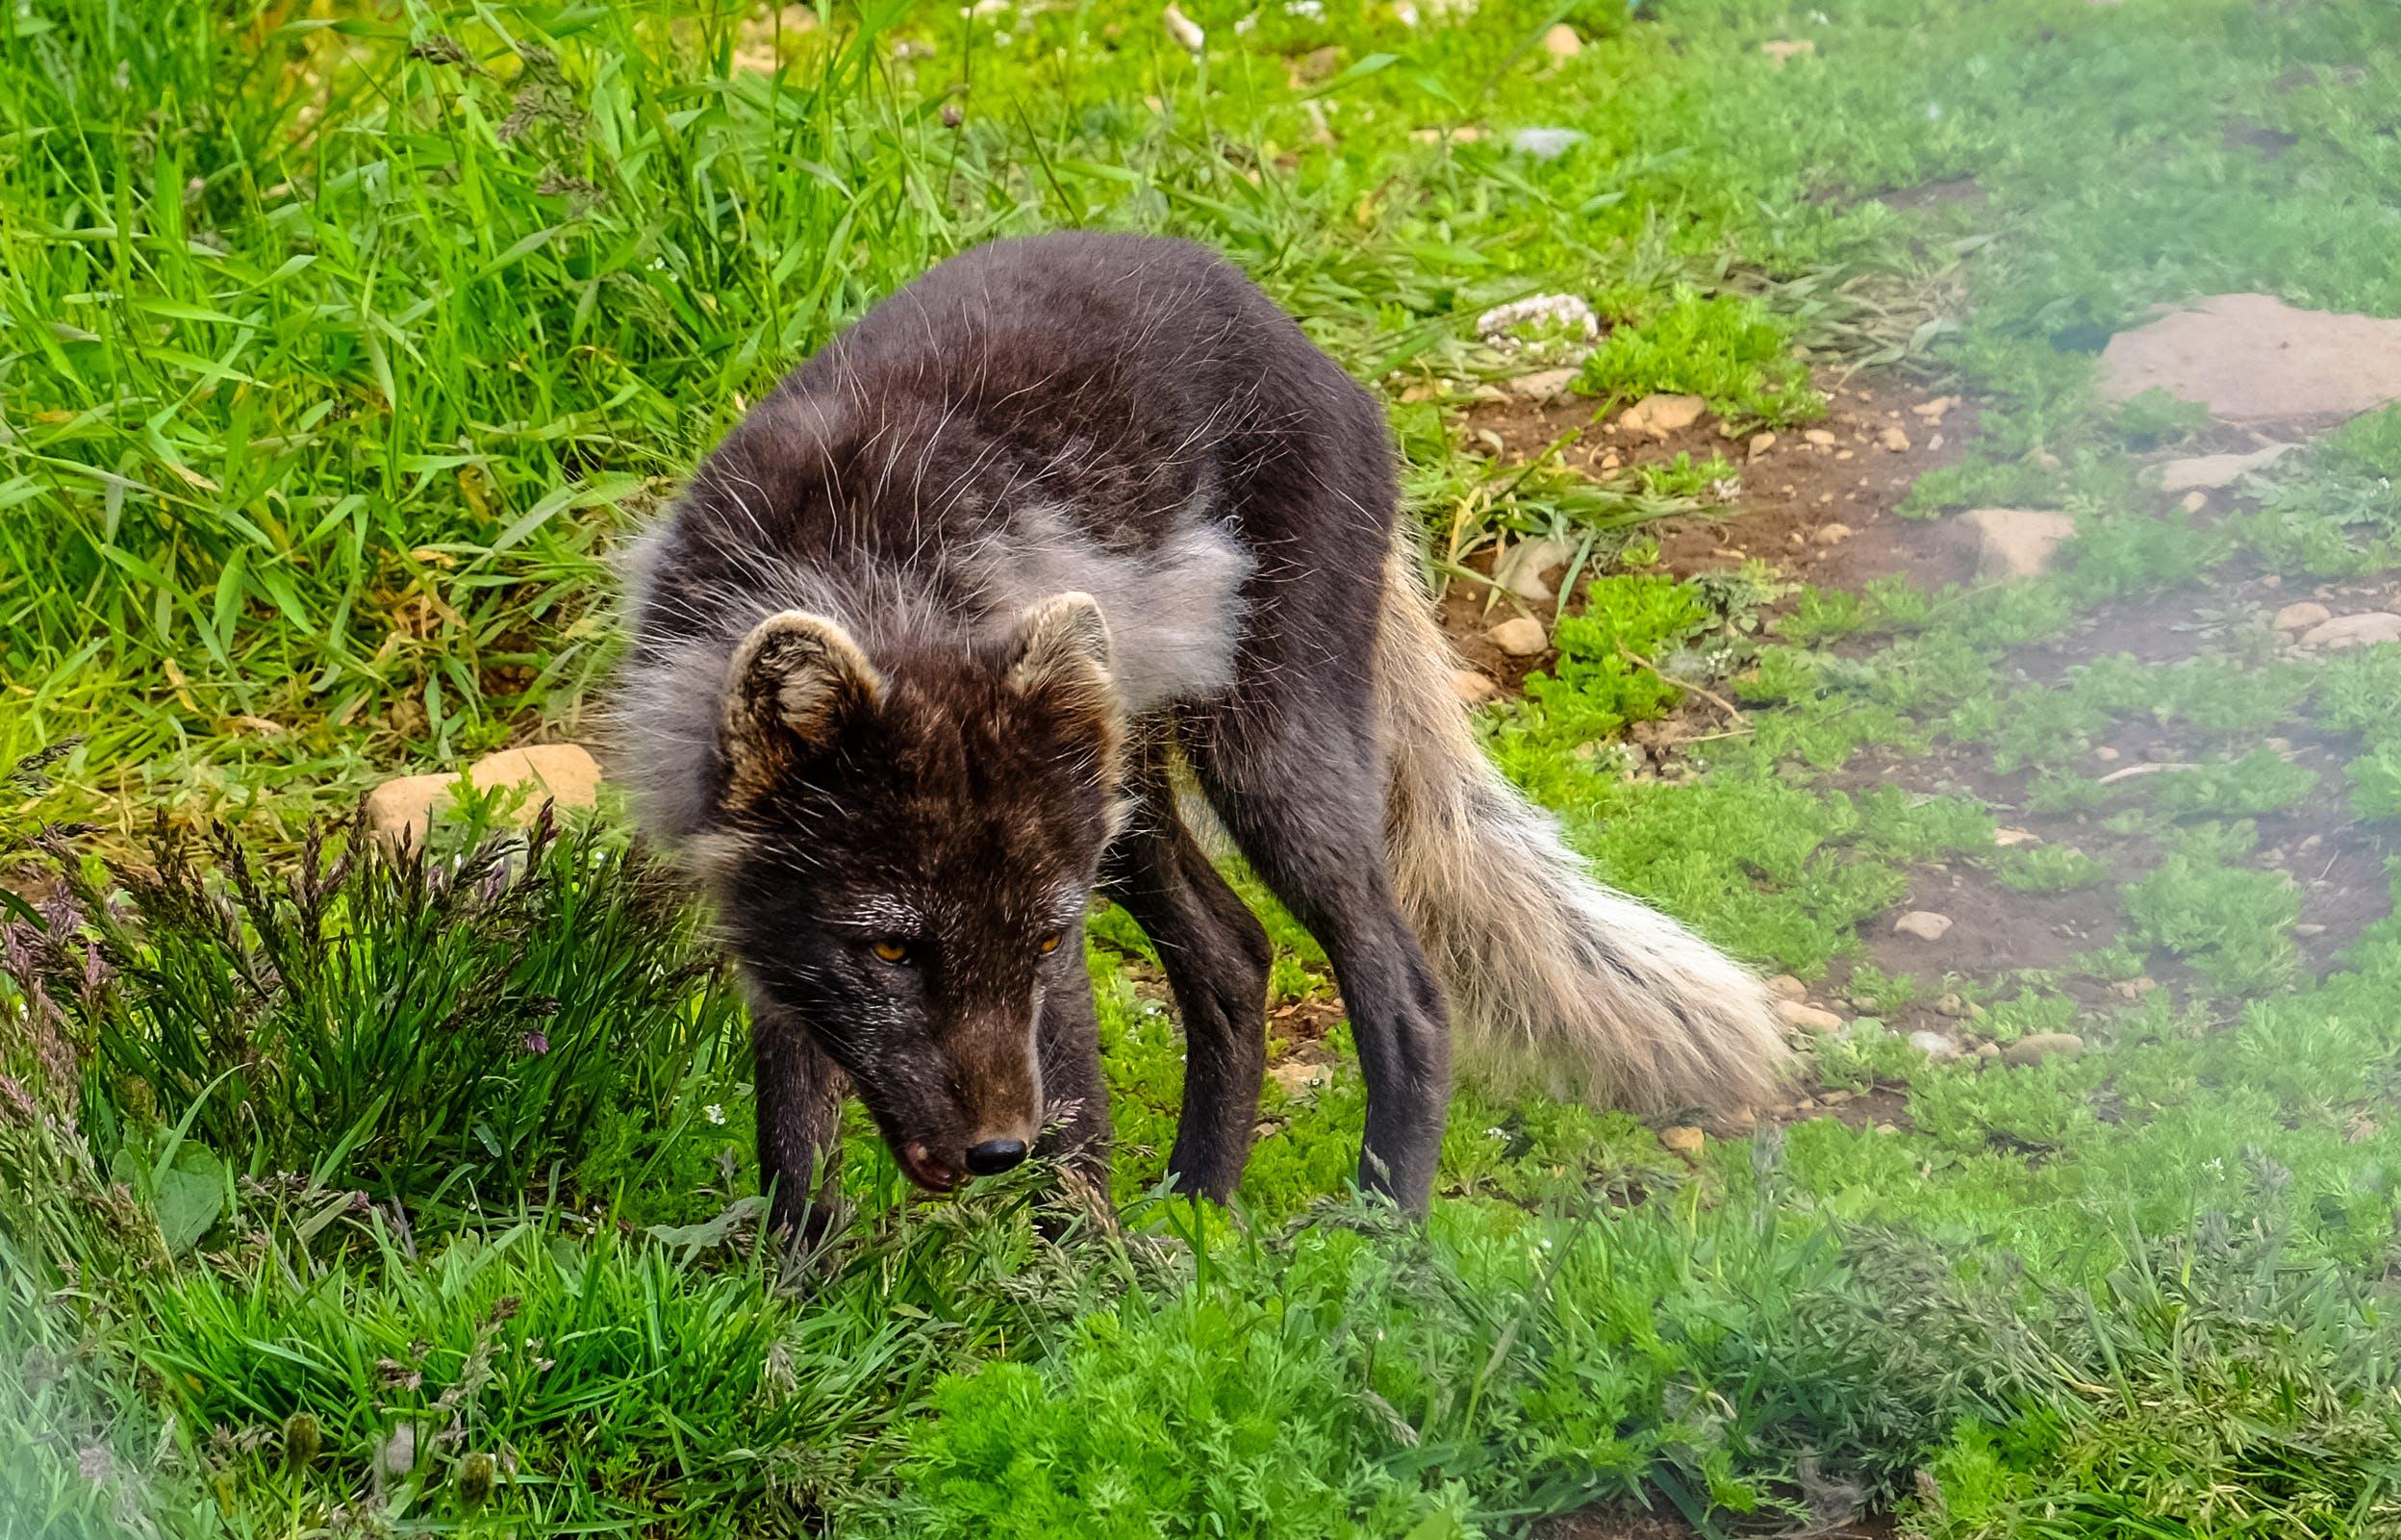 イヌ科, 動物, 動物の写真, 哺乳類の無料の写真素材